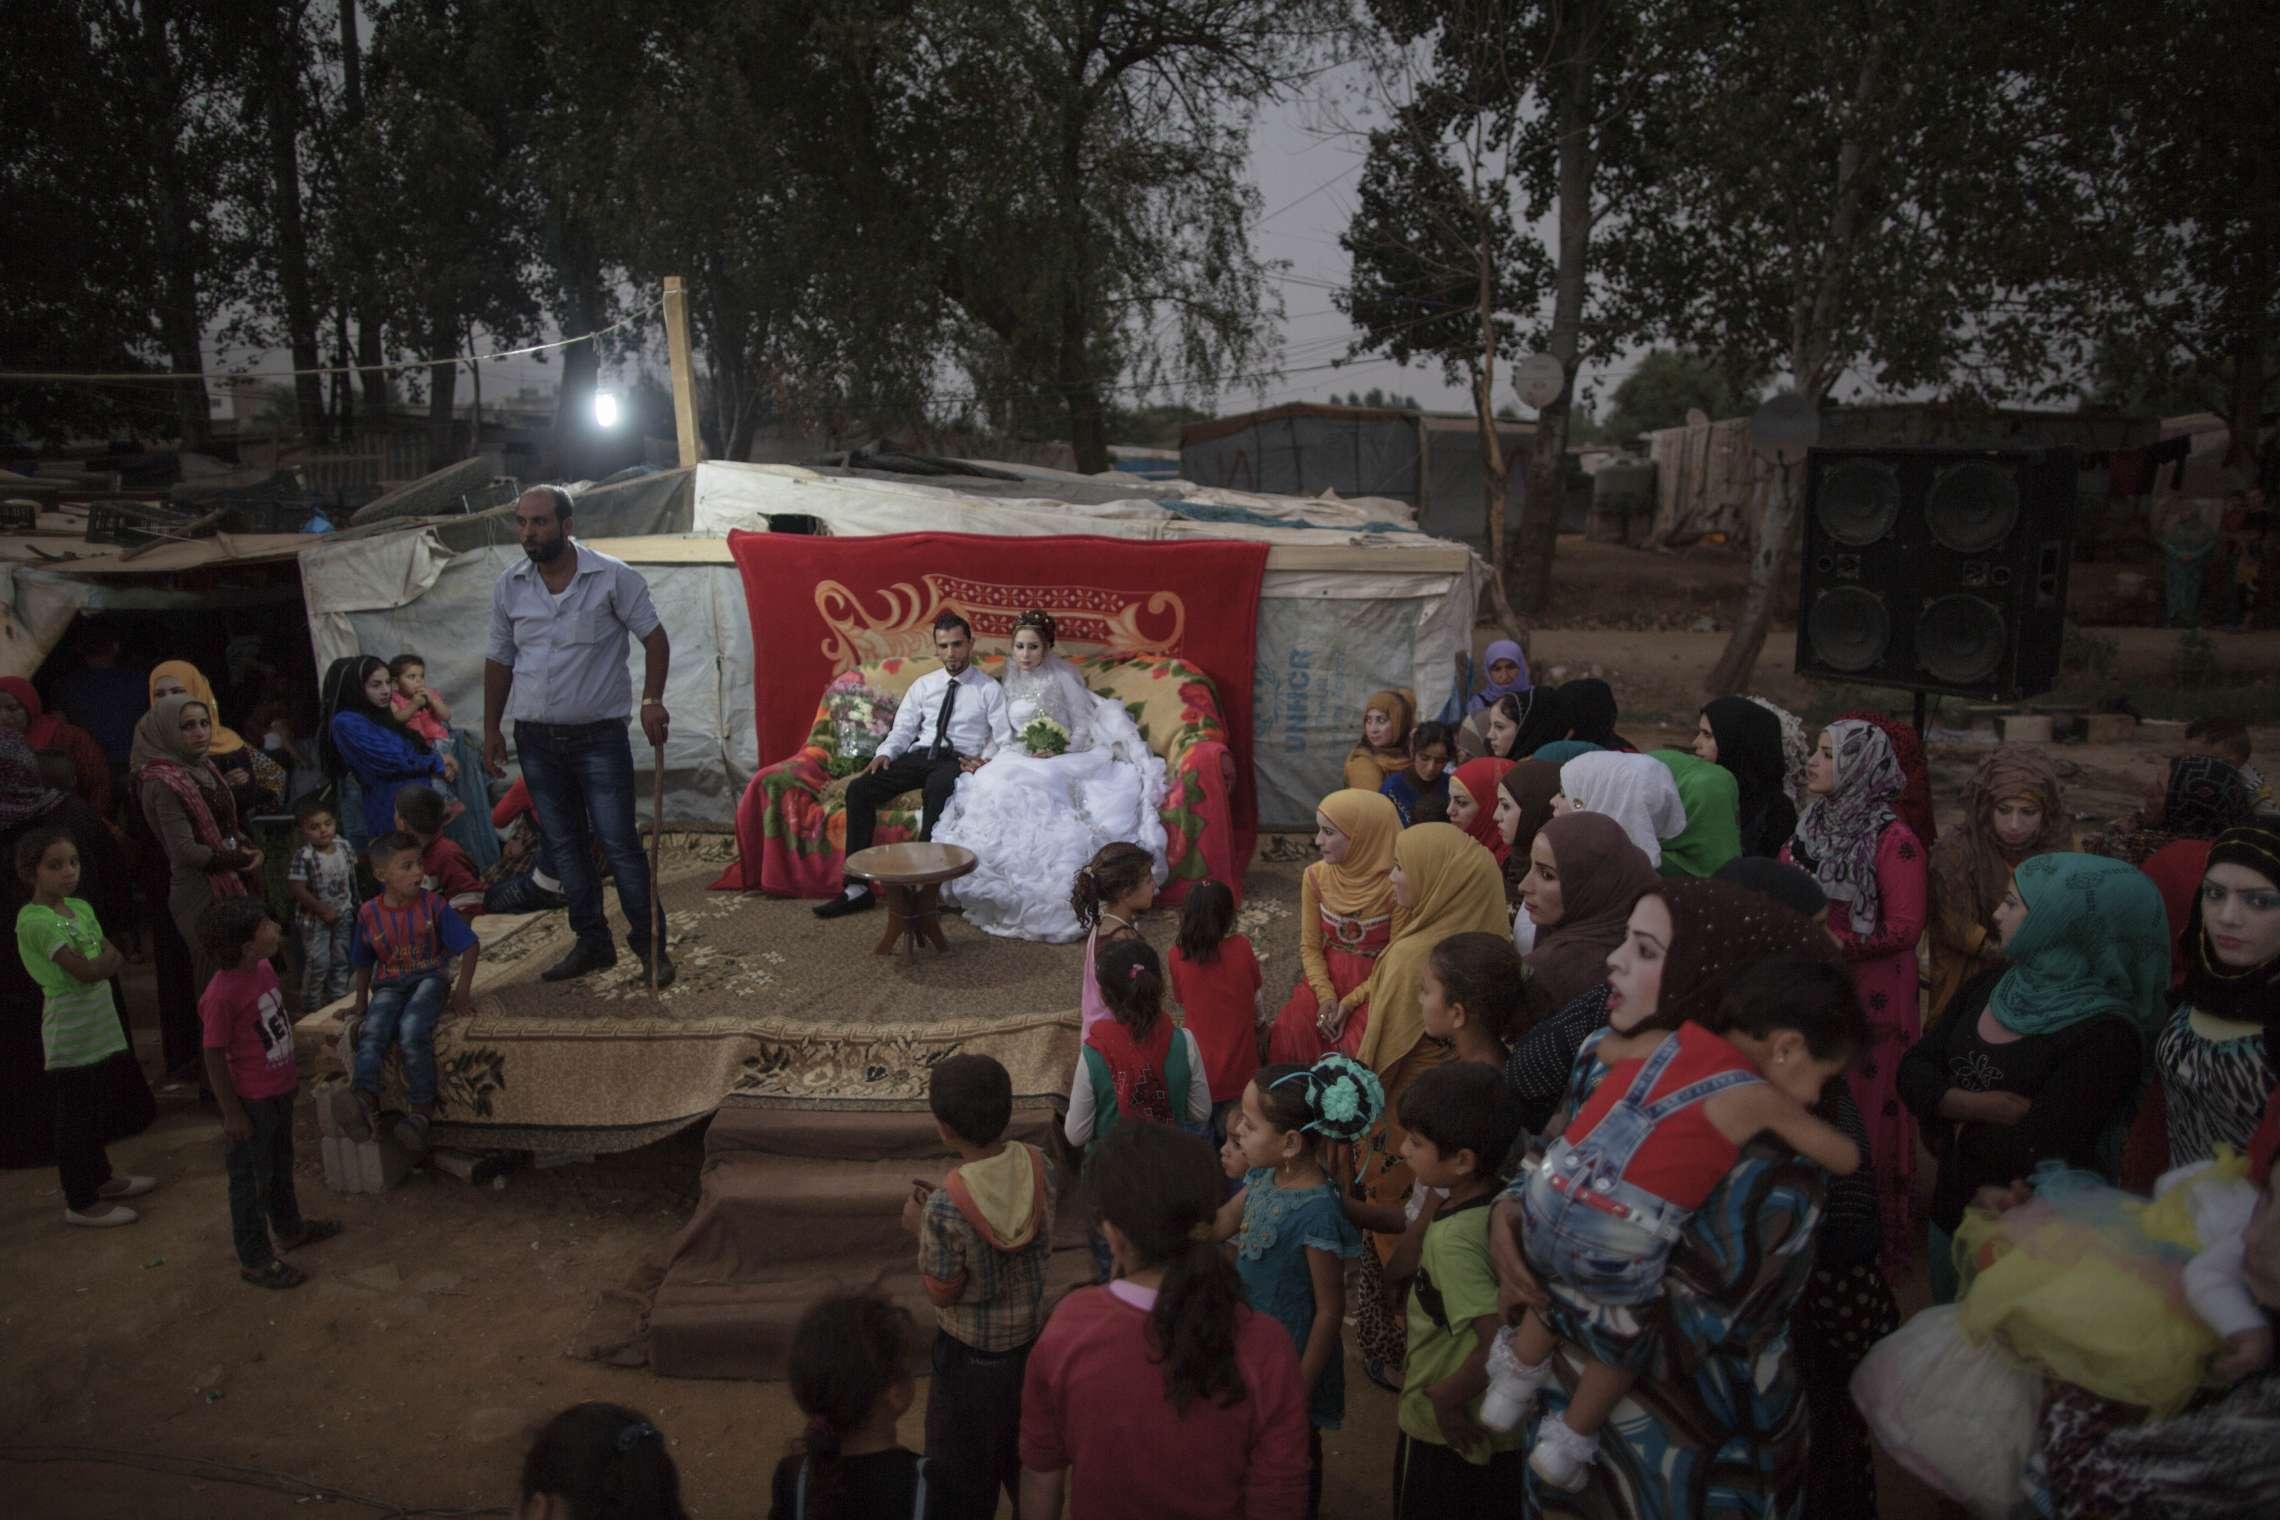 00619 14. Årets fotojournalist 06.09.2015 Bryllup i flyktningleiren Det syriske flyktningparet Samir (24) og Shrook Nazal (20) gifter seg i flyktningleiren Housein Meraar i Beka'a dalen i Libanon, nær grensen til Syria. Alle de andre flyktningene i leiren har bidratt til å lage bryllupet, hvor det danses, synges og feires til langt på natt. Bryllupet er en sjelden dag med glede og feiring i livet til flyktningene i leiren, hvor nesten alle er fra den IS-kontrollerte syriske byen Raqqa. I Libanon bor mer enn 1 million syriske flyktninger, og de utgjør dermed mer enn 25 prosent av landets befolkning. Hundrevis av små og store flyktningleire ligger i Zahle-provinsen, nær grensen til Syria. På grunn av lavere bistand fra medlemslandene, har FN vært nødt til å kutte nødhjelpen til flyktningene. Mange av leirene mangler helt basale ting som helsetjenester, rent vann, toaletter og undervsining.